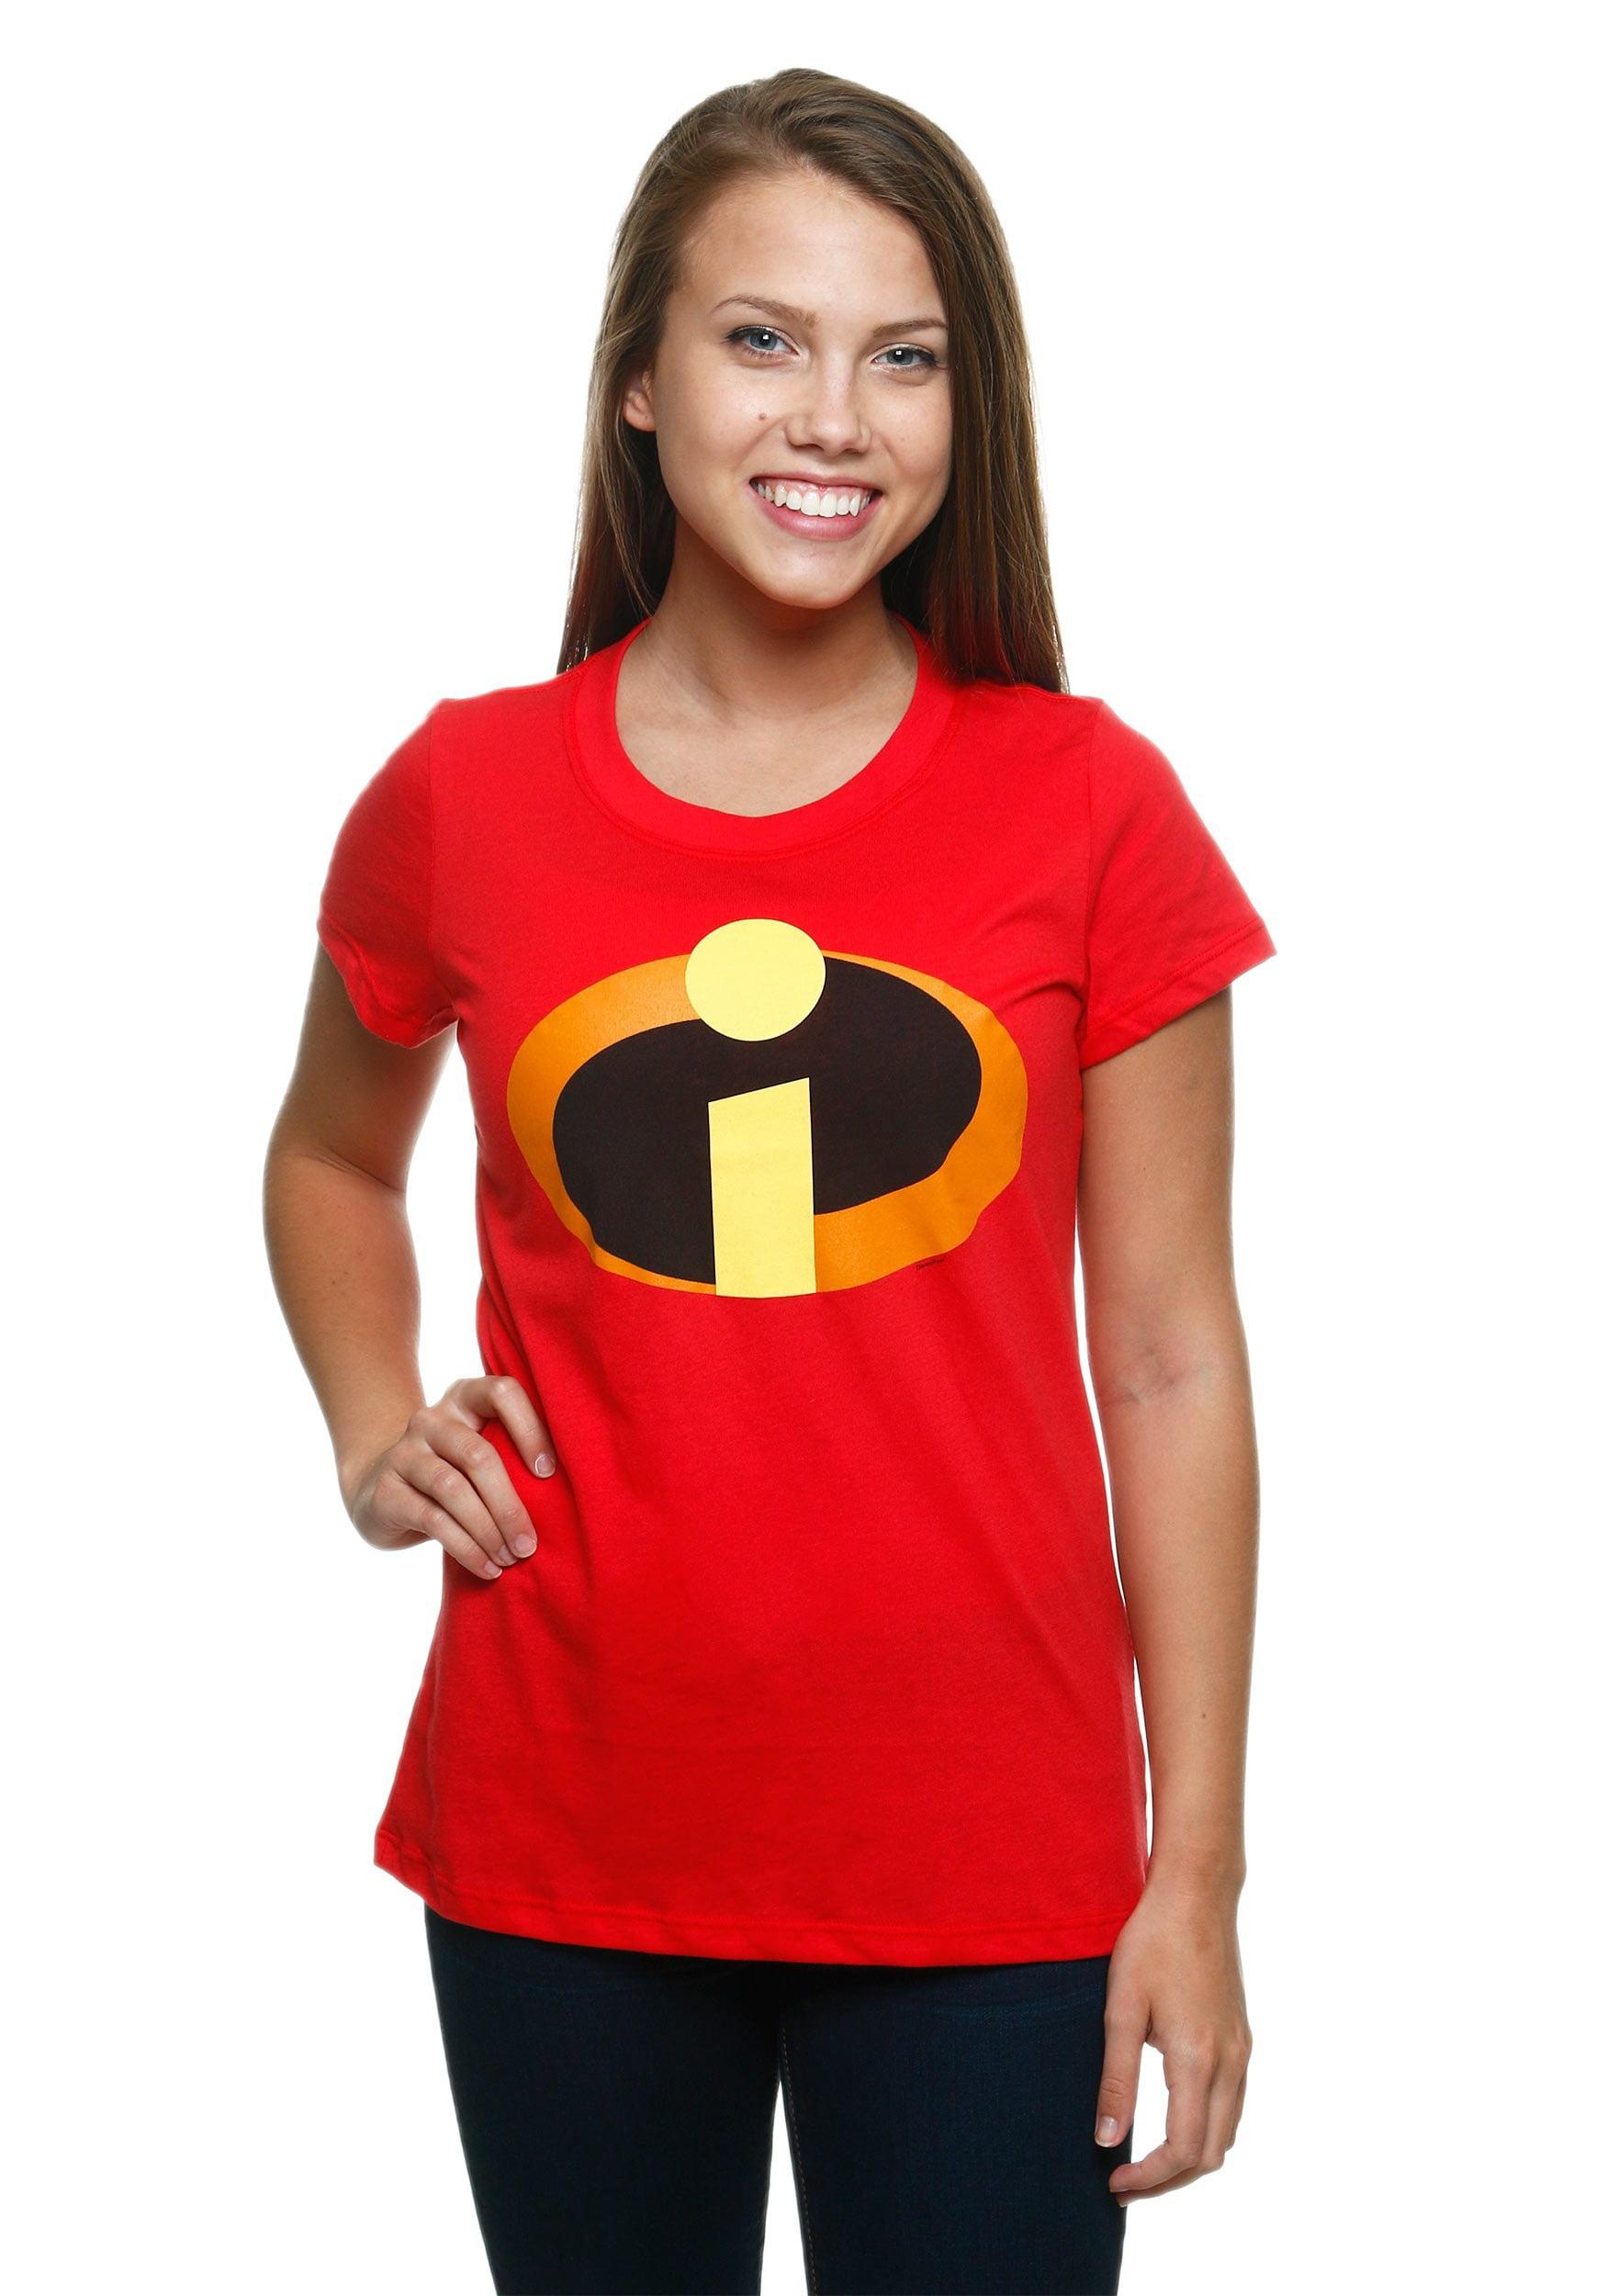 Disney Pixar Incredibles 2 Juniors Movie Logo T-Shirt